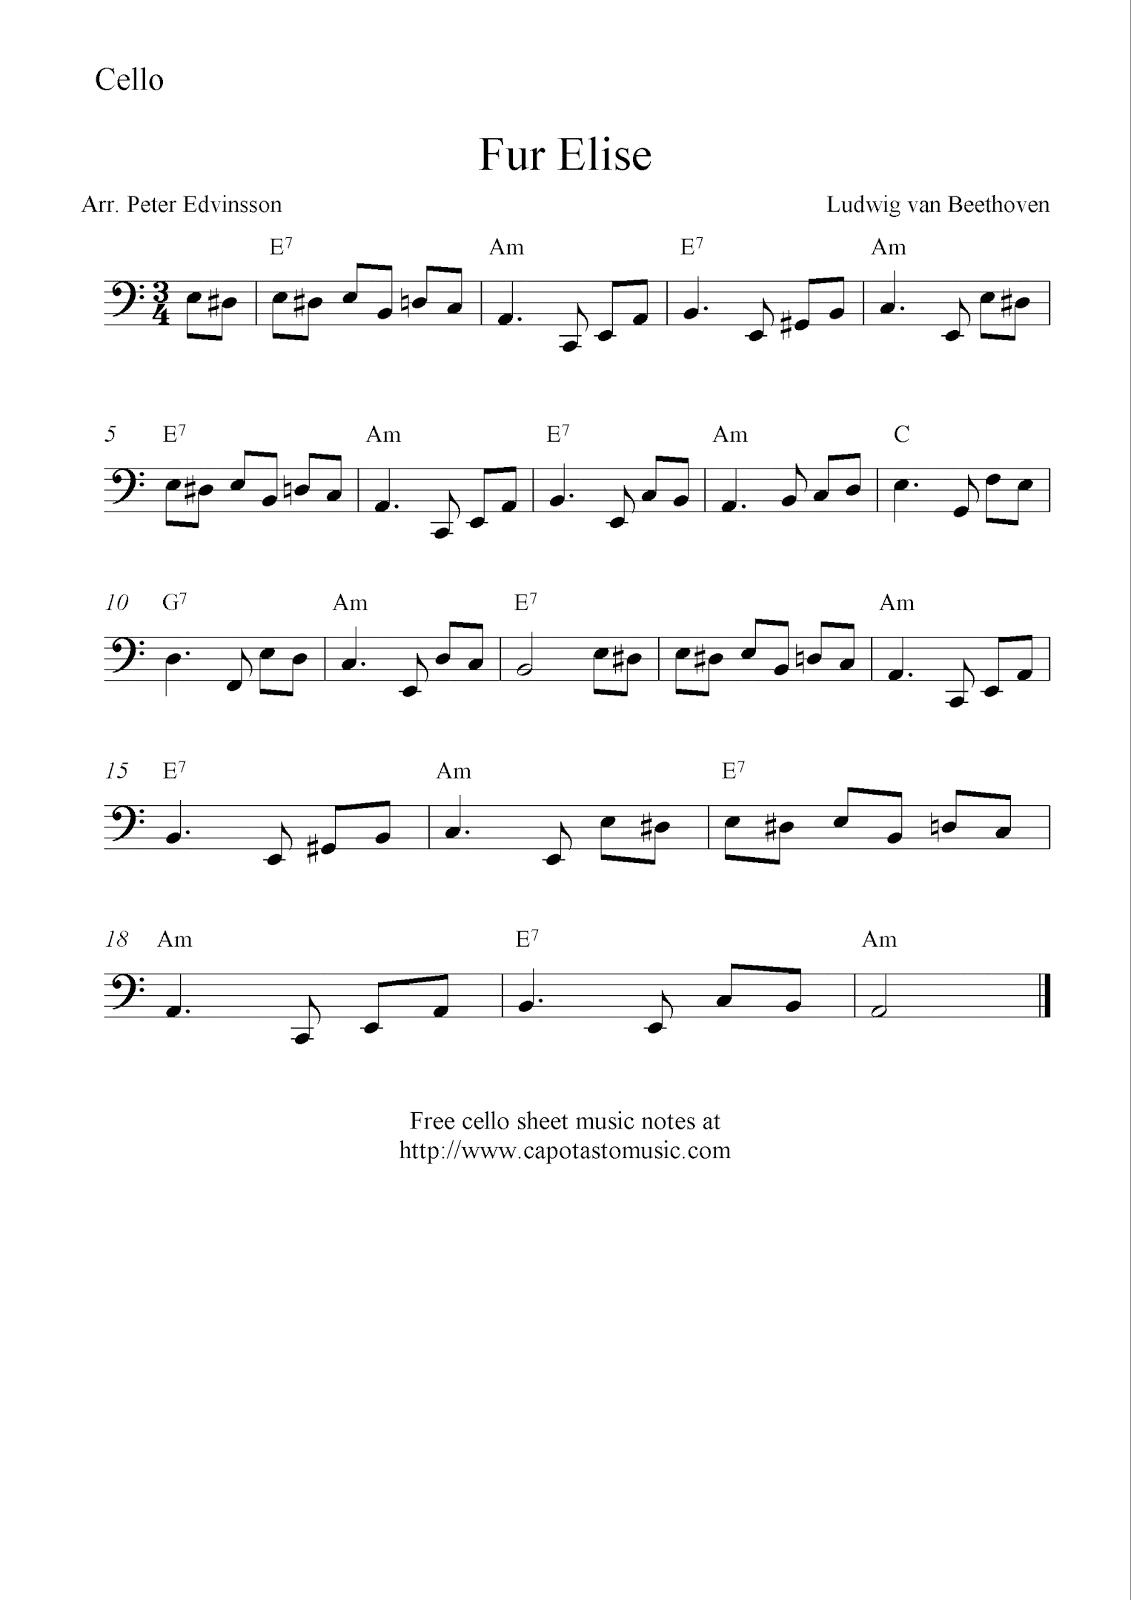 Fur Elise, Free Cello Sheet Music Notes - Free Printable Piano Sheet Music Fur Elise